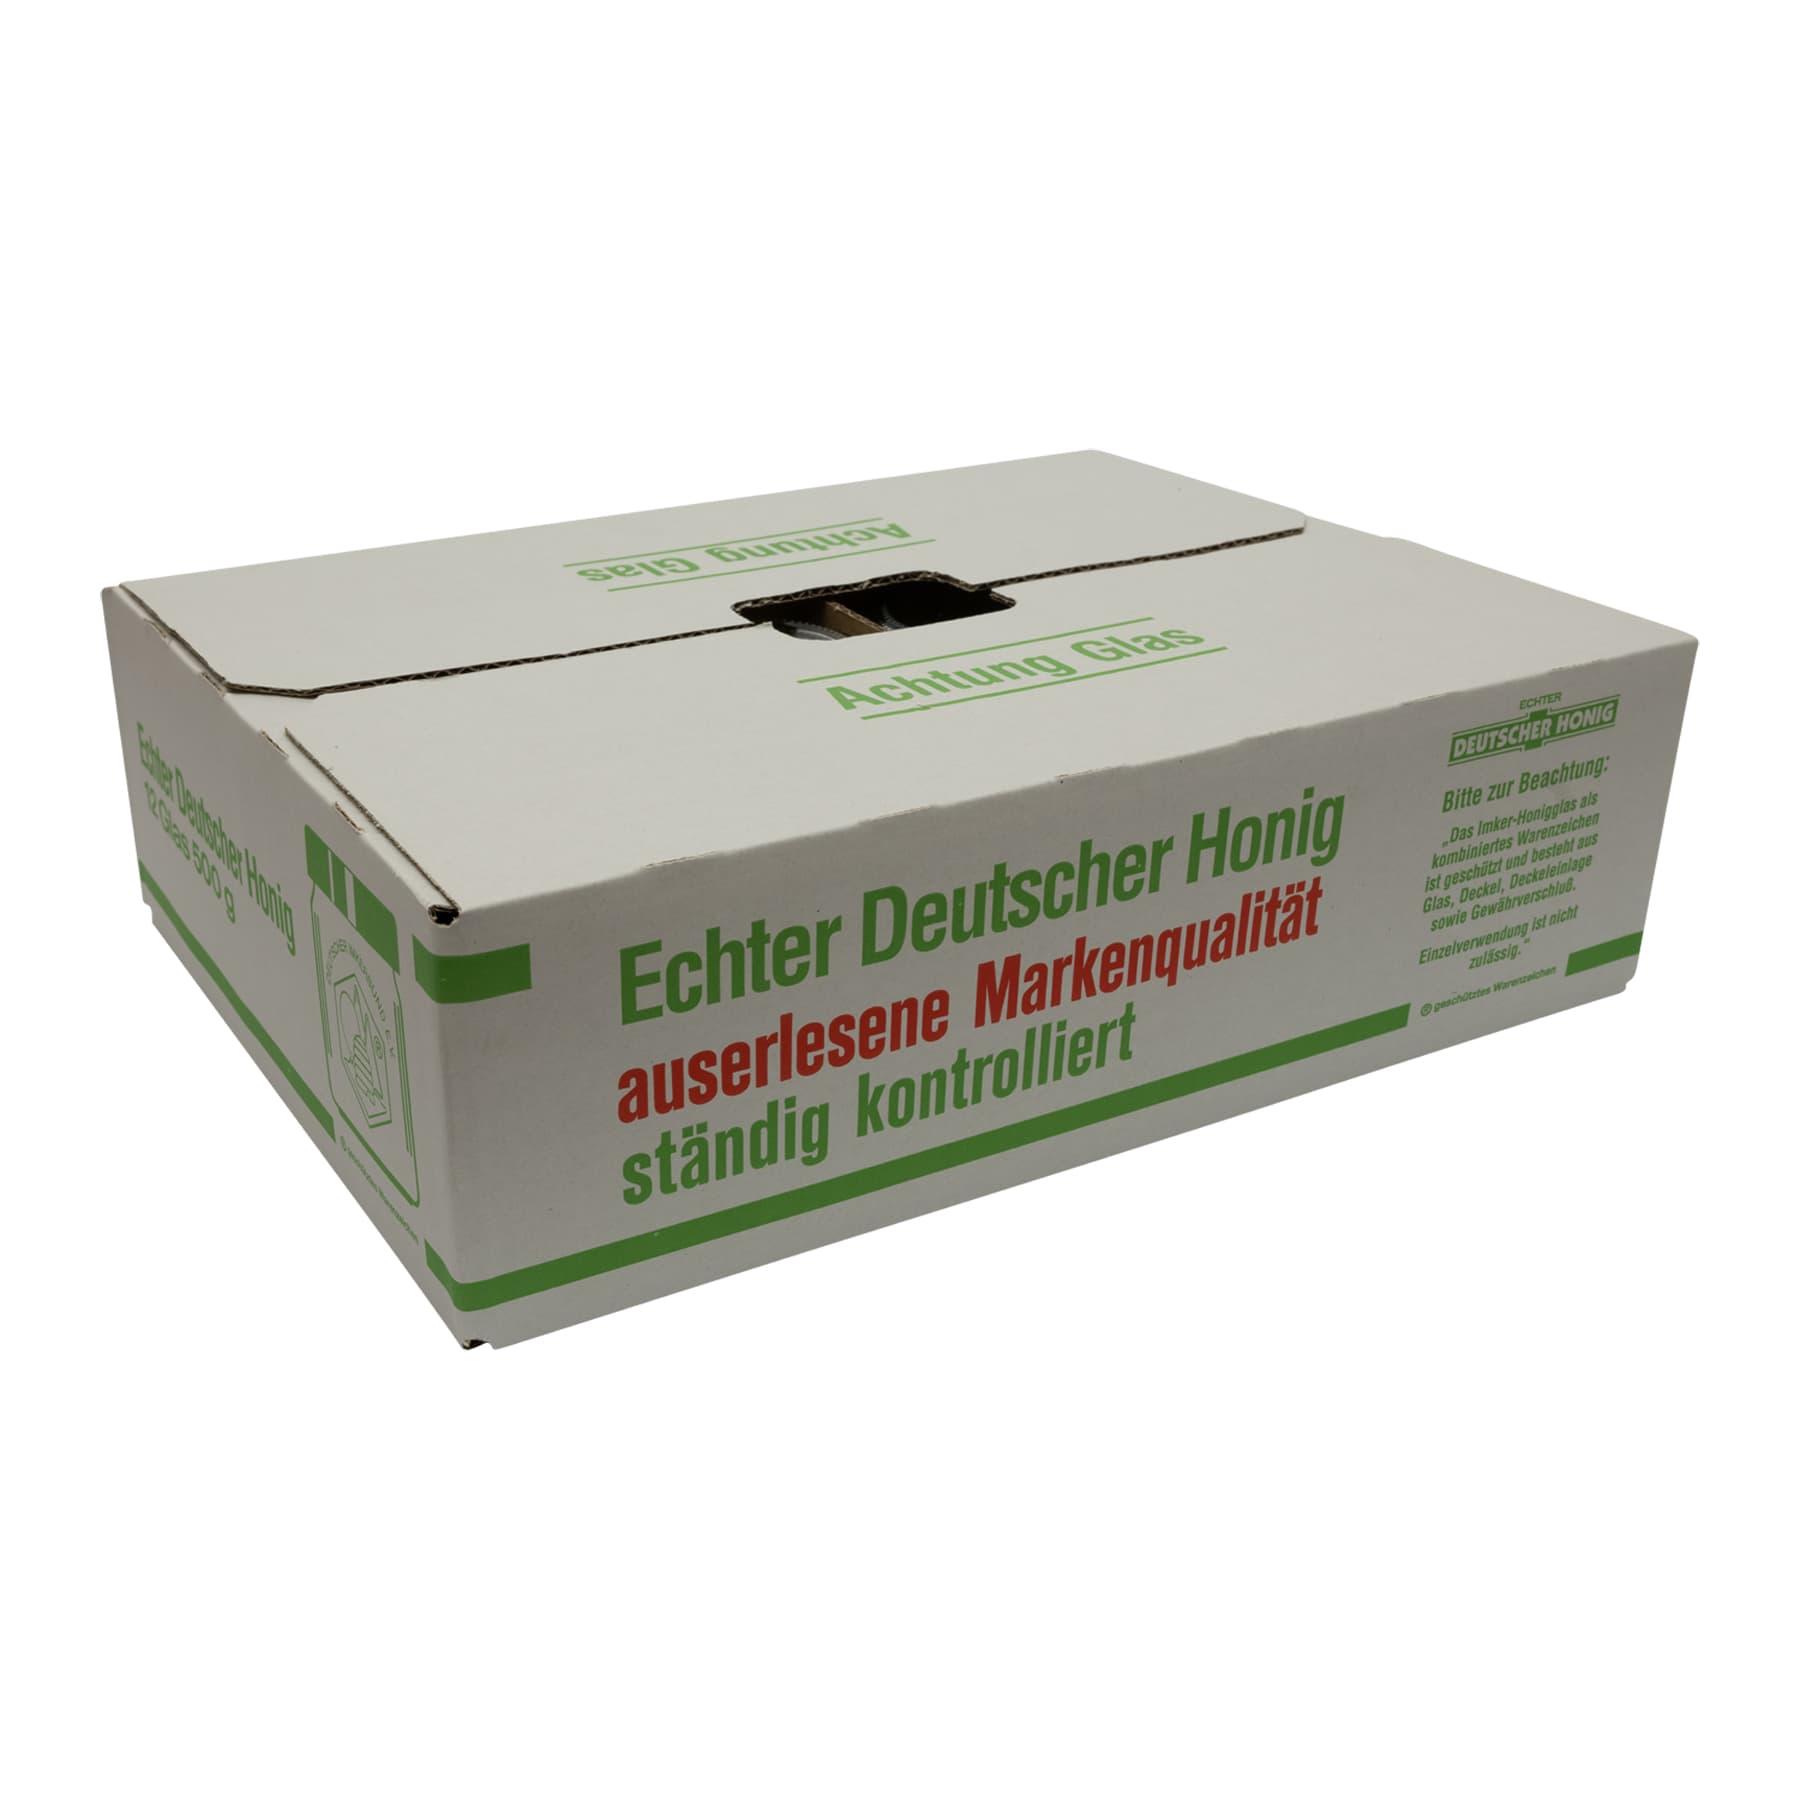 DIB-Gläser 500 g 1/2 PAL(1200 Stk) inkl. Deckel und Umkarton, Frei Haus